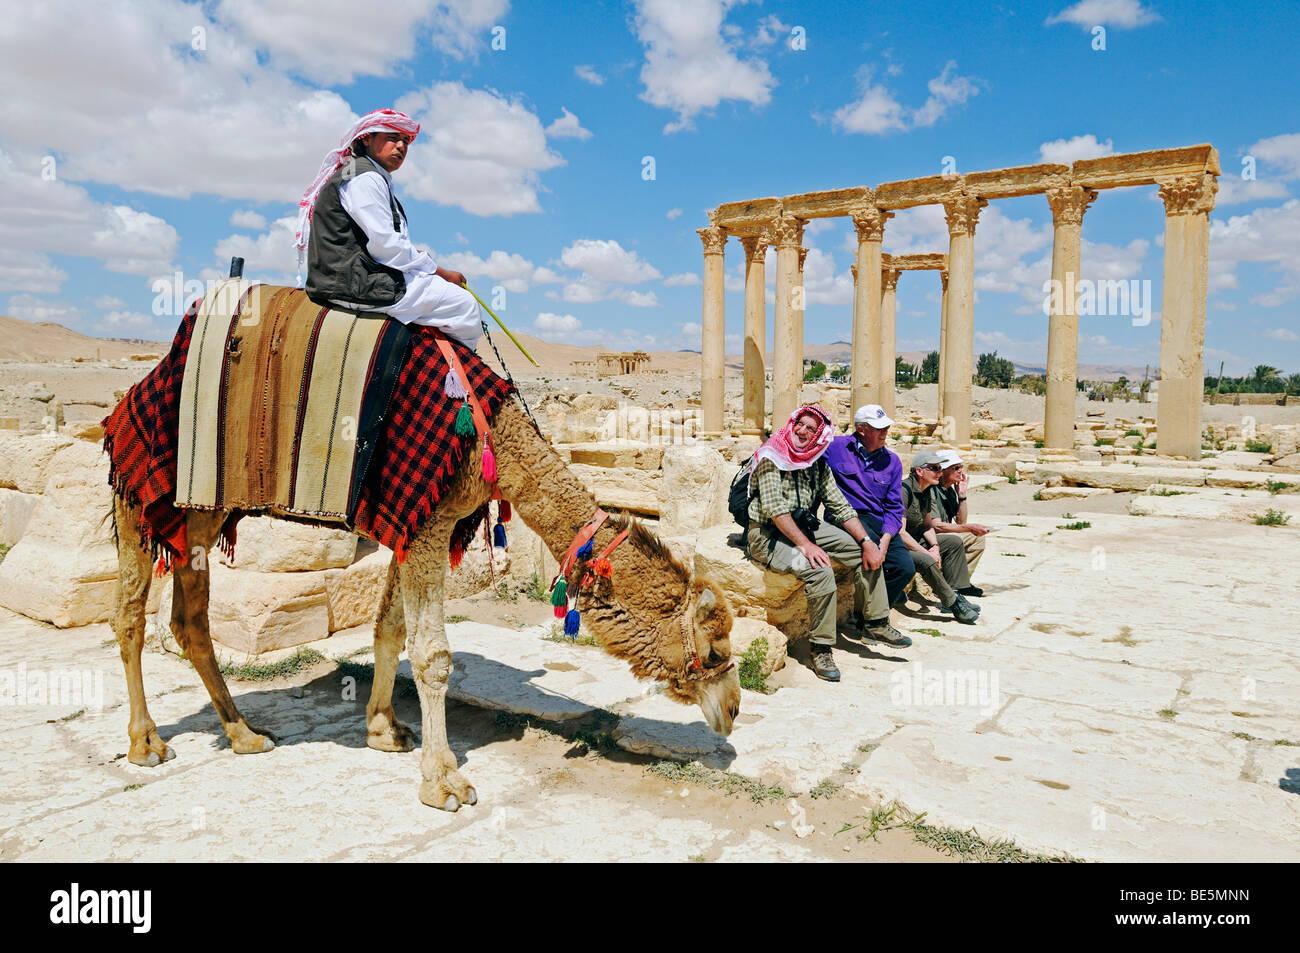 Palmyra Syria Tourist Camel Stock Photos Palmyra Syria Tourist